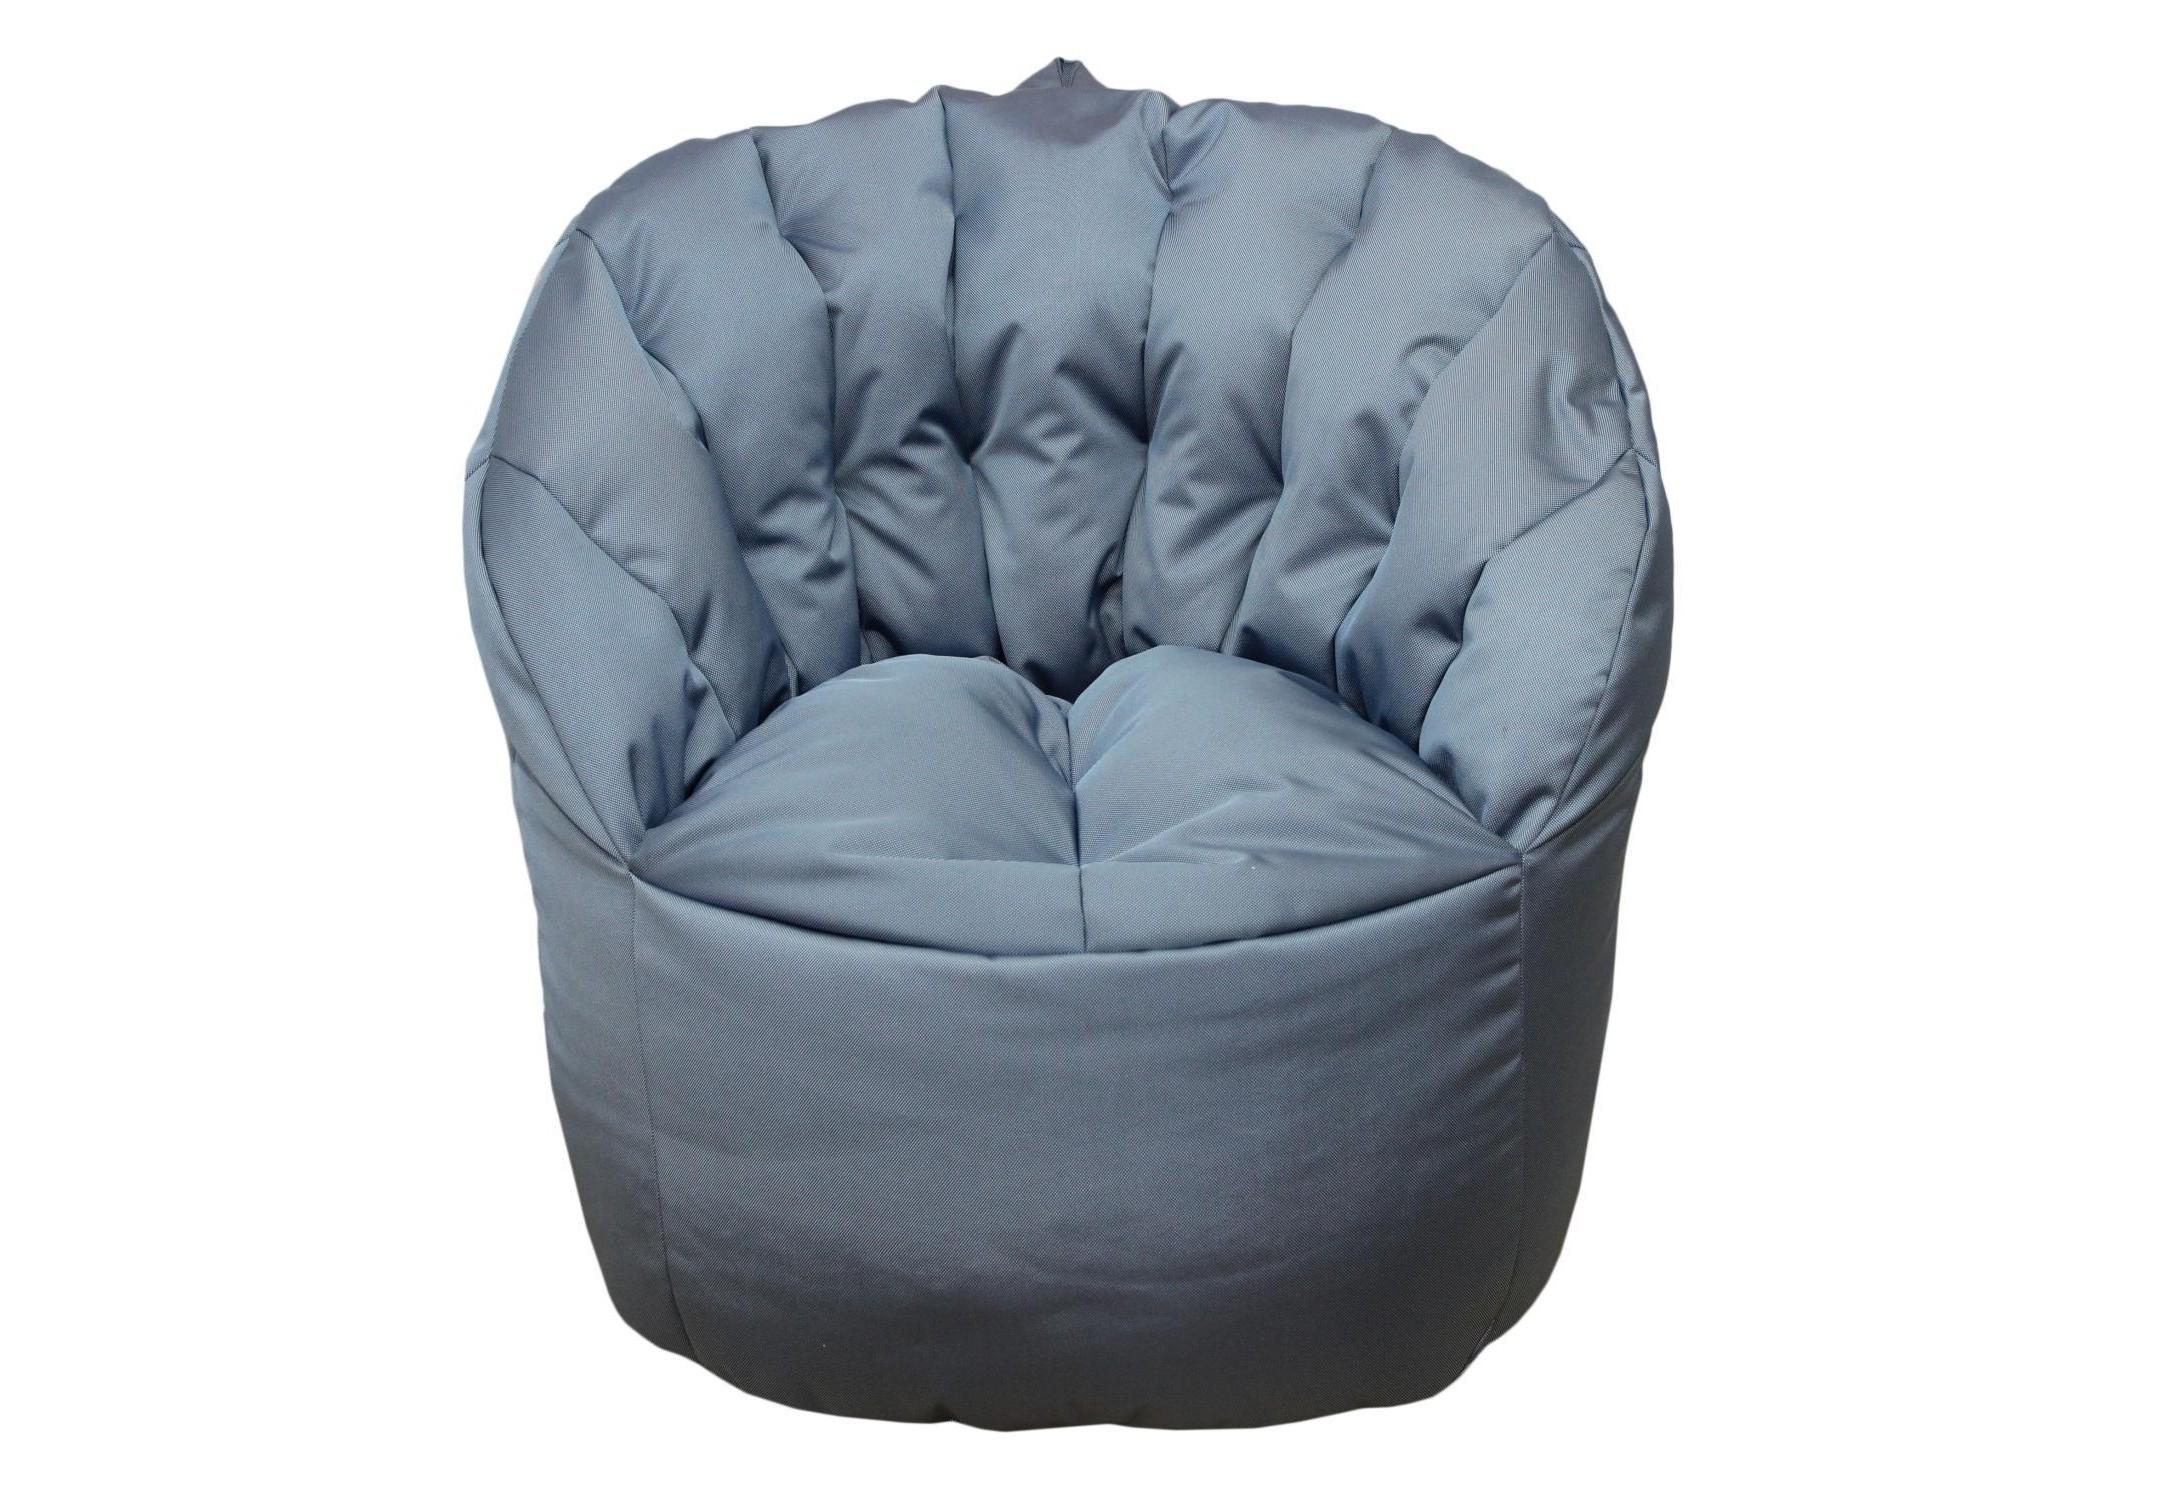 Уличное Кресло- пуф  Sky BlueКресла для сада<br>Очень комфортное и  легкое  Кресло-пуф станет неотъемлемой частью вашего интерьера как дома ,так и на улице. Сиденье и спинка кресла великолепно поддерживают и принимают форму тела, обеспечивая комфортный отдых. Читайте книгу, общайтесь с друзьями или просто наслаждайтесь лучами летнего солнца удобно разместившись в этом кресле!  Оно сшито из очень плотной ткани с водооталкивающим покрытием с внешней стороны, поэтому идеально подойдет для уличного декора.При загрязнении его достаточно протереть мокрой салфеткой.<br><br>Material: Текстиль<br>Ширина см: 65<br>Высота см: 80<br>Глубина см: 45